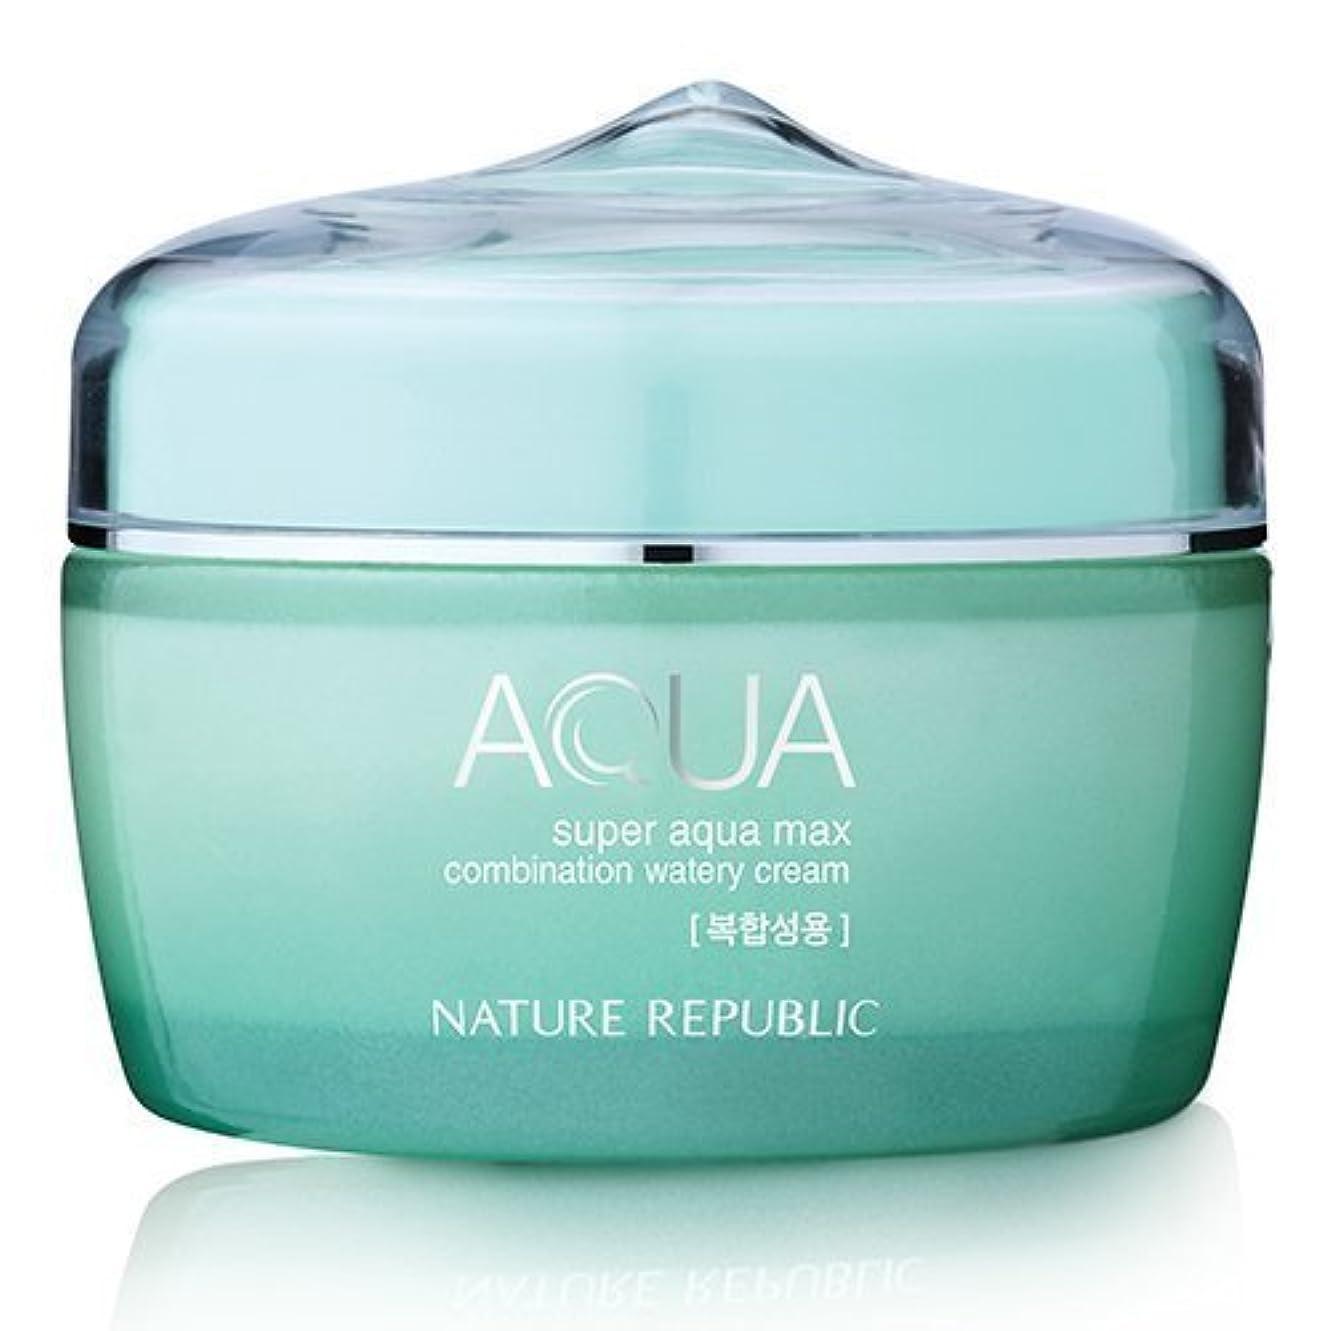 詳細なふりをする算術Nature Republic Super Aqua Max Combination Watery Cream 80ml